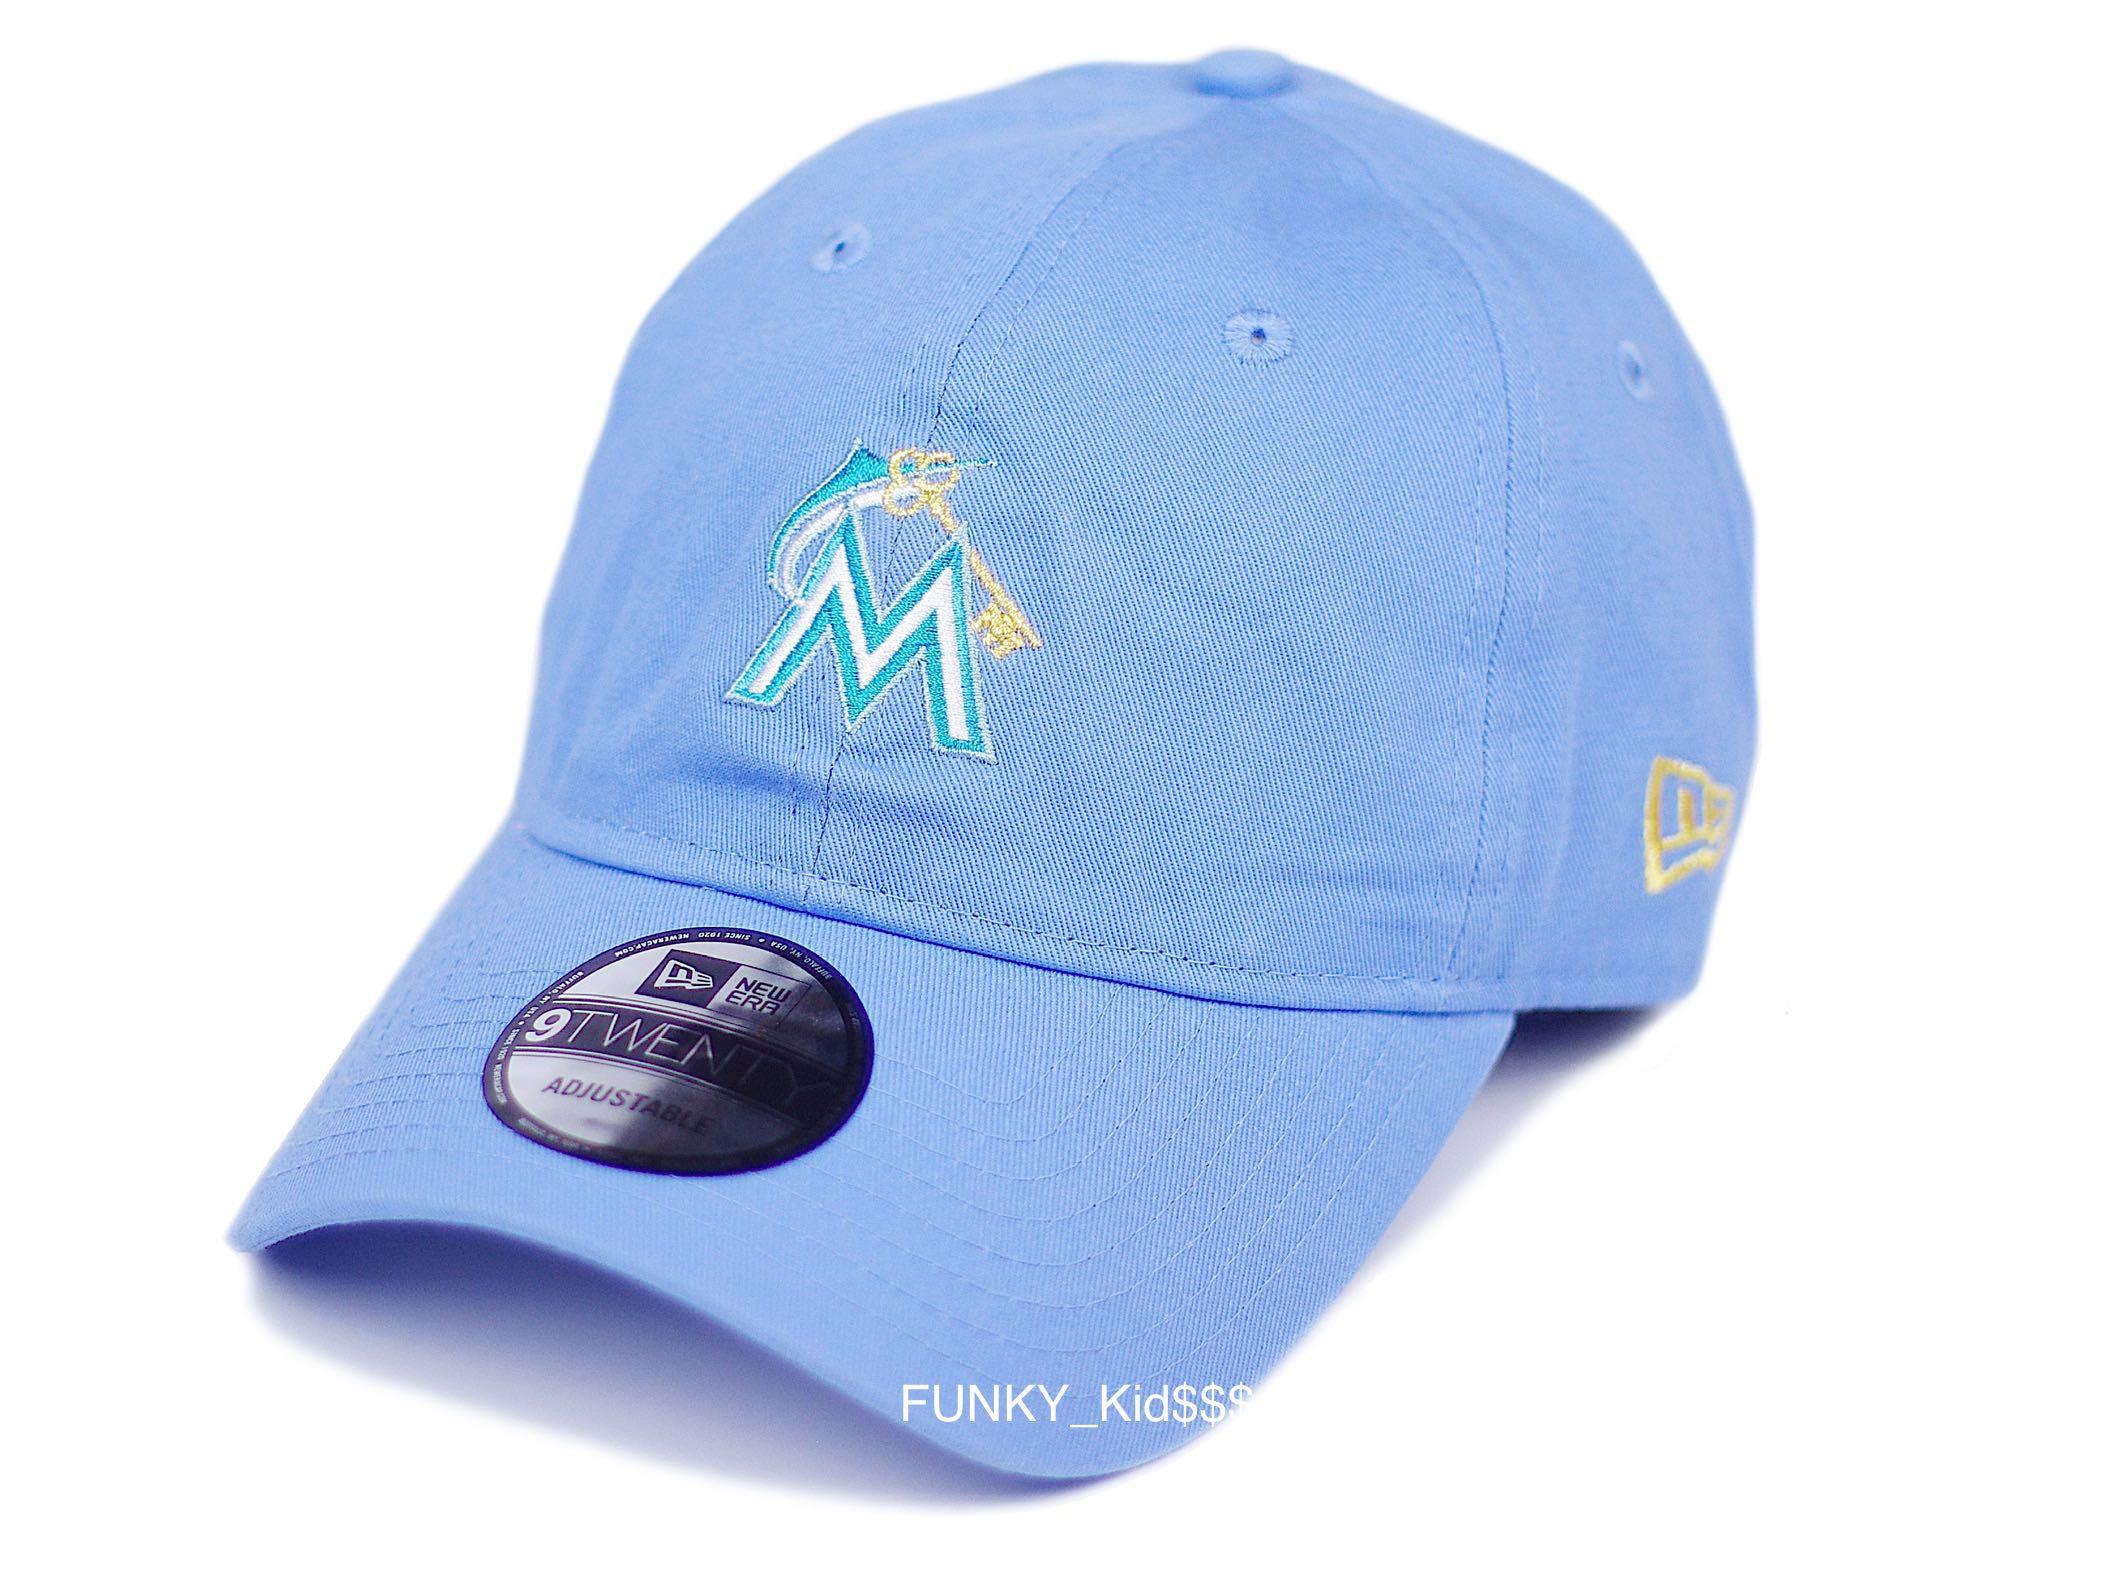 New Era美国MLB棒球大联盟迈阿密马林鱼队粉蓝色弯檐棒球帽可调节